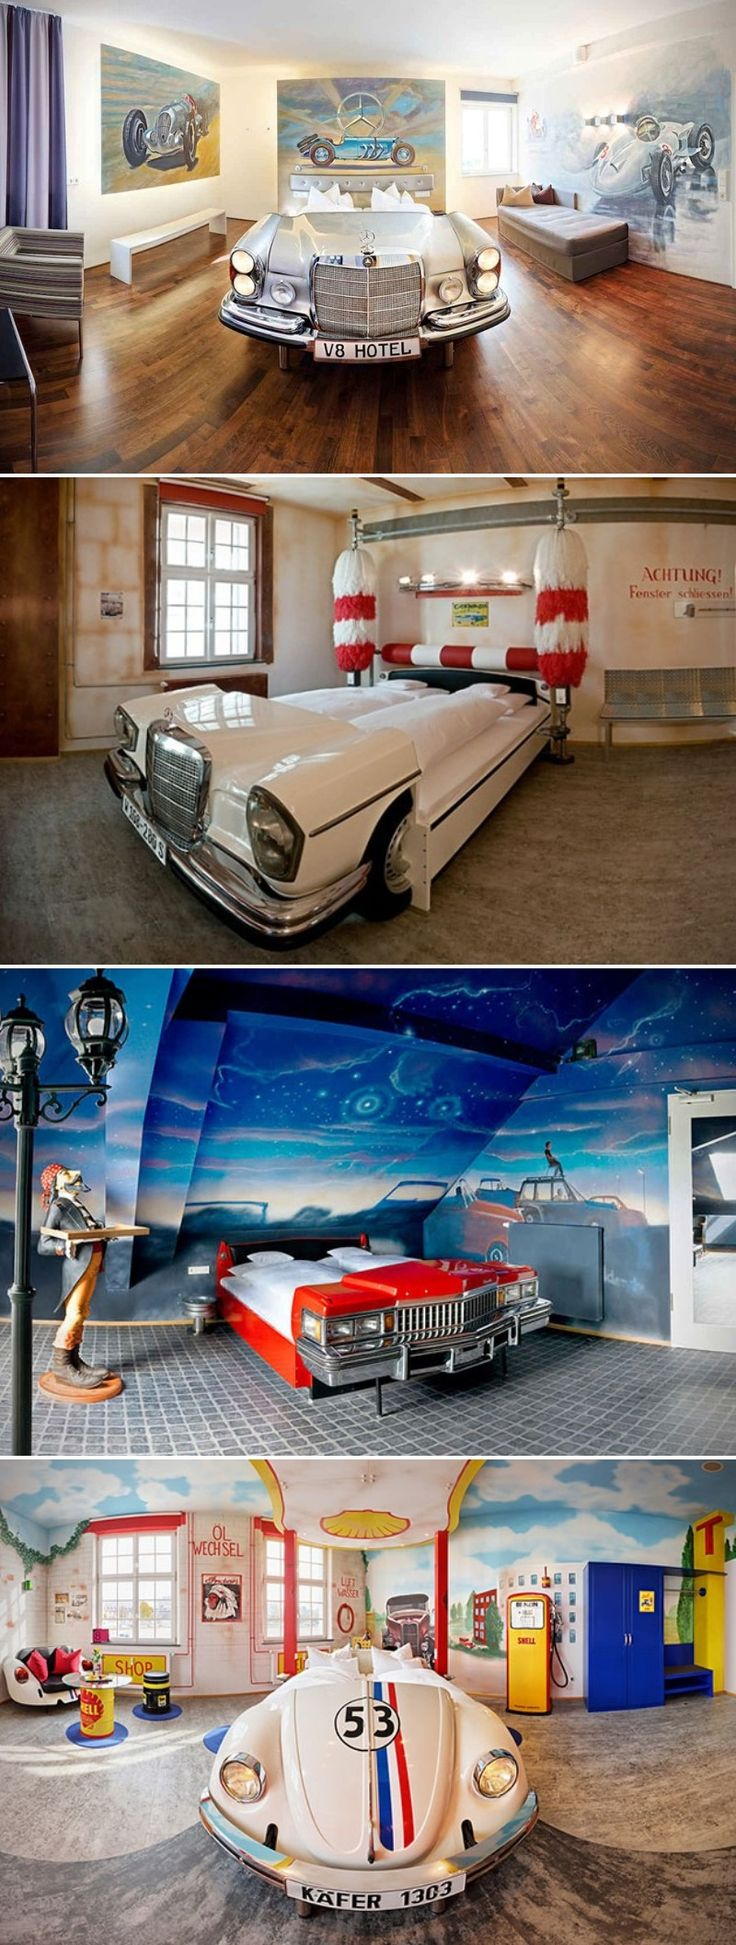 V8 Hotel-Automotive Themed Hotel in Stuttgart